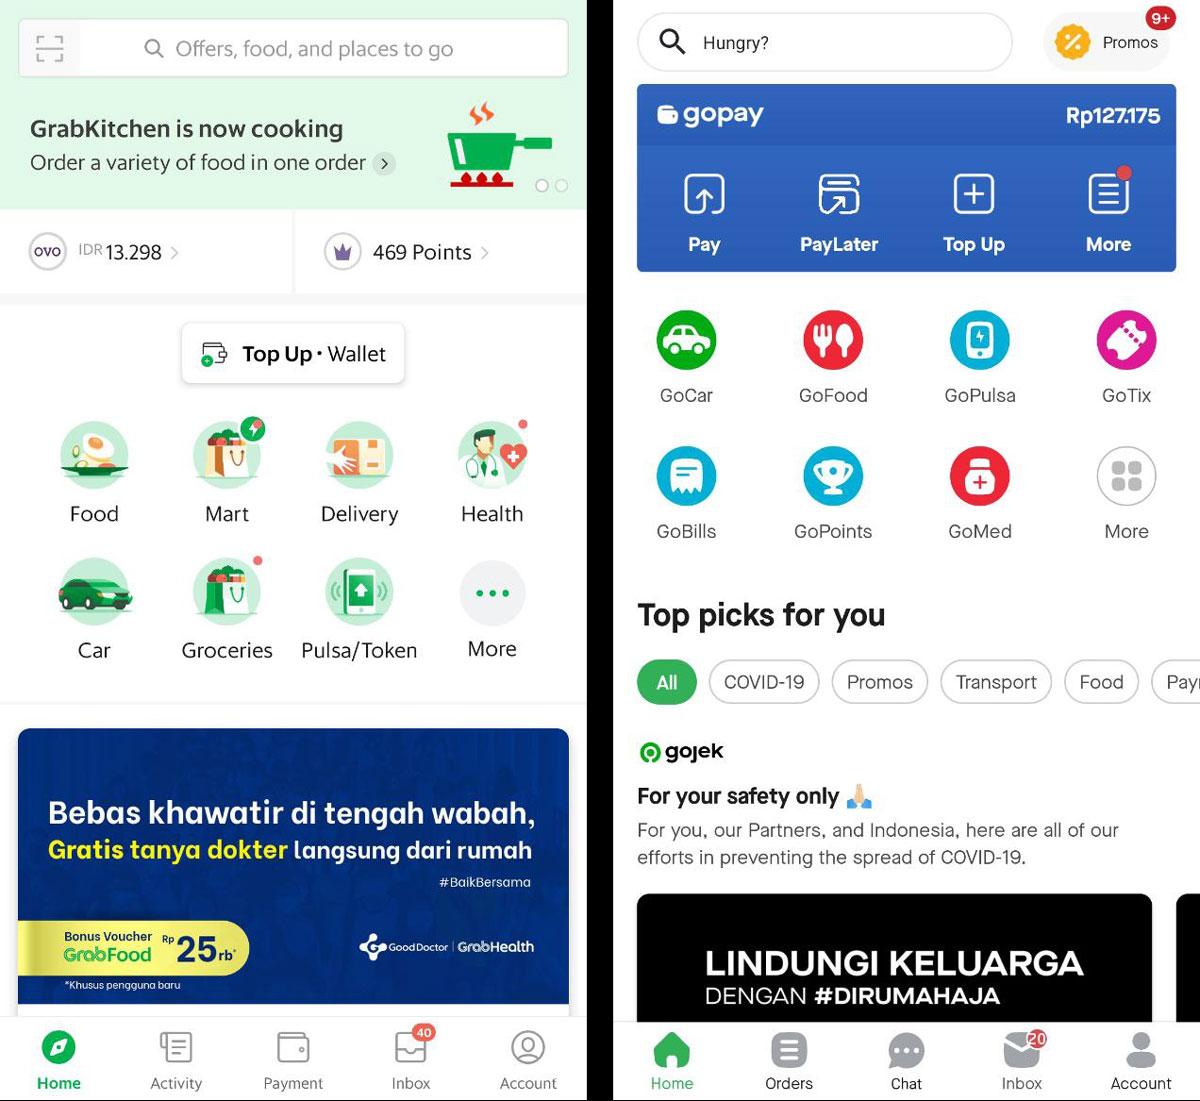 Fitur Goride Gojek Dan Grabbike Grab Hilang Dari Aplikasi Karena Aturan Psbb Idcloudhost